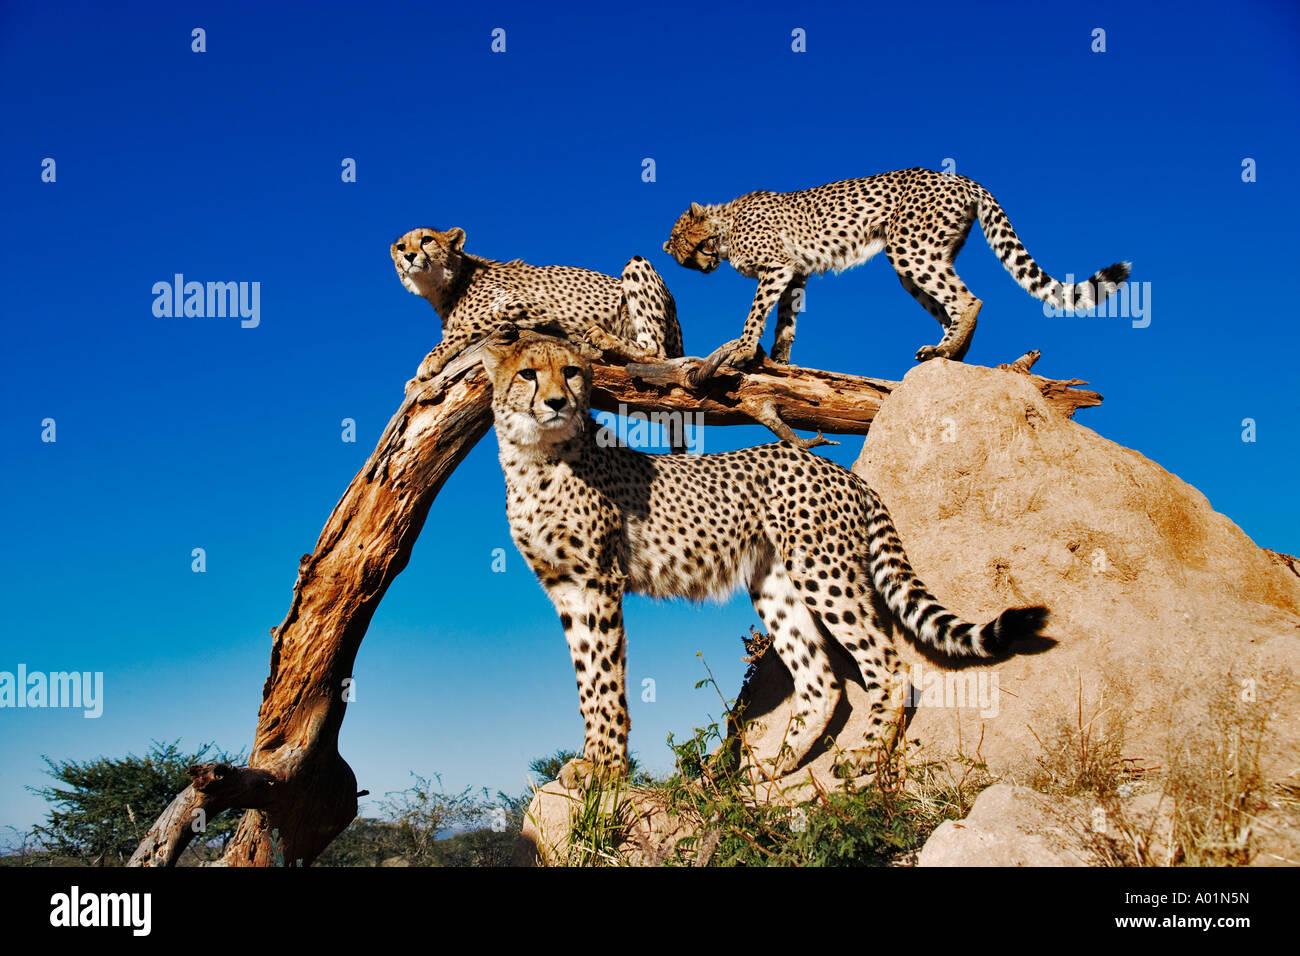 Grupo de guepardos mediante termitero y rama como un mirador de Namibia Imagen De Stock